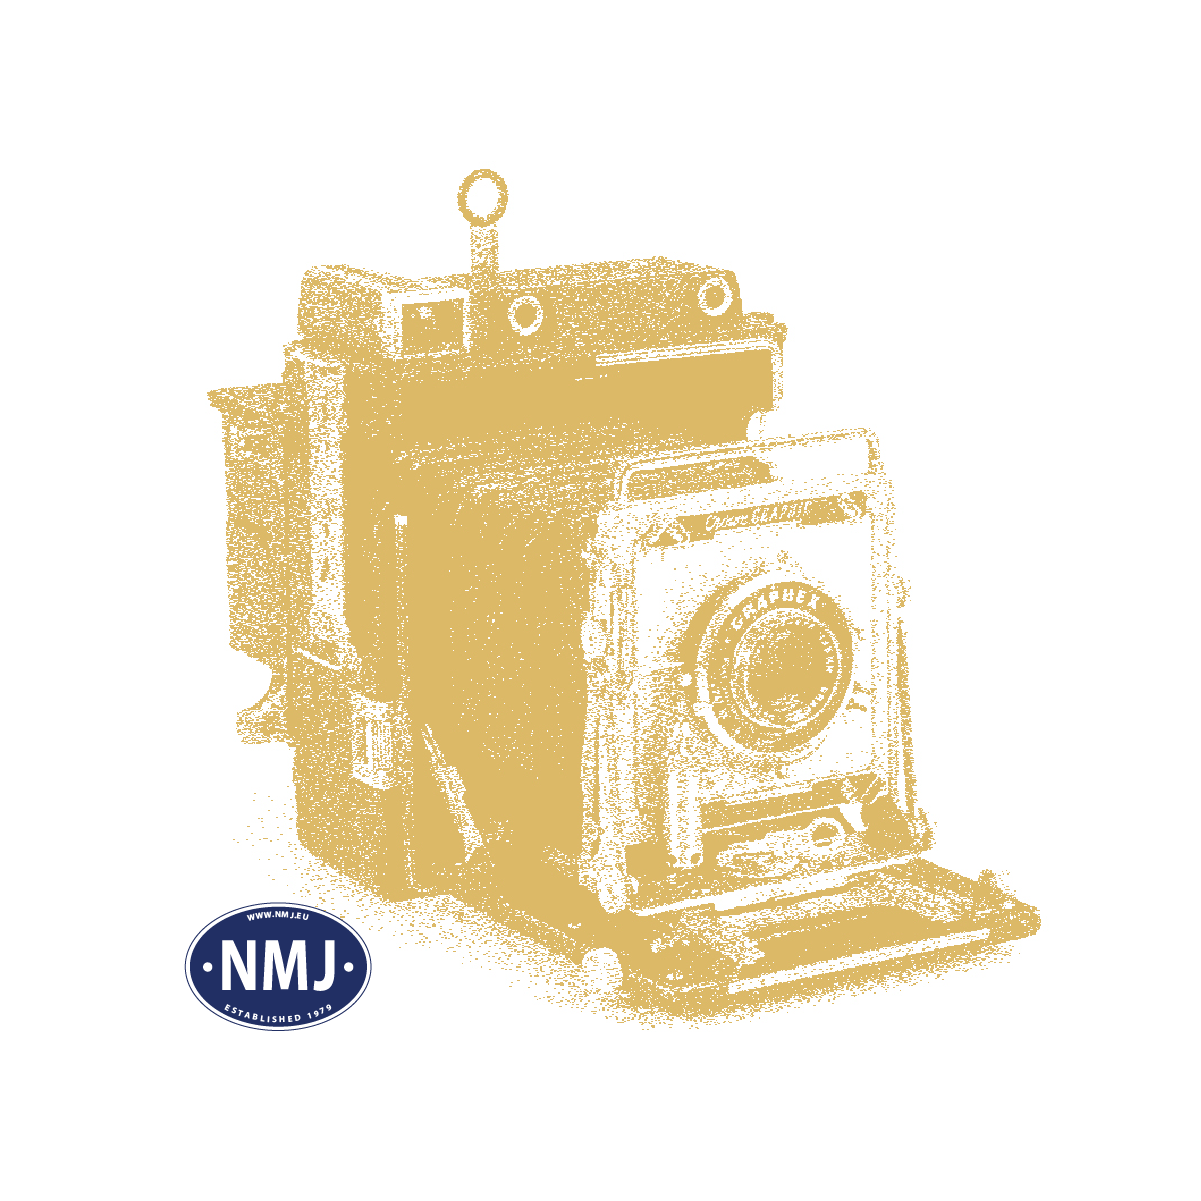 NMJT90201 - NMJ Topline MAV M61.004, Nohab, DCC m/ Lyd